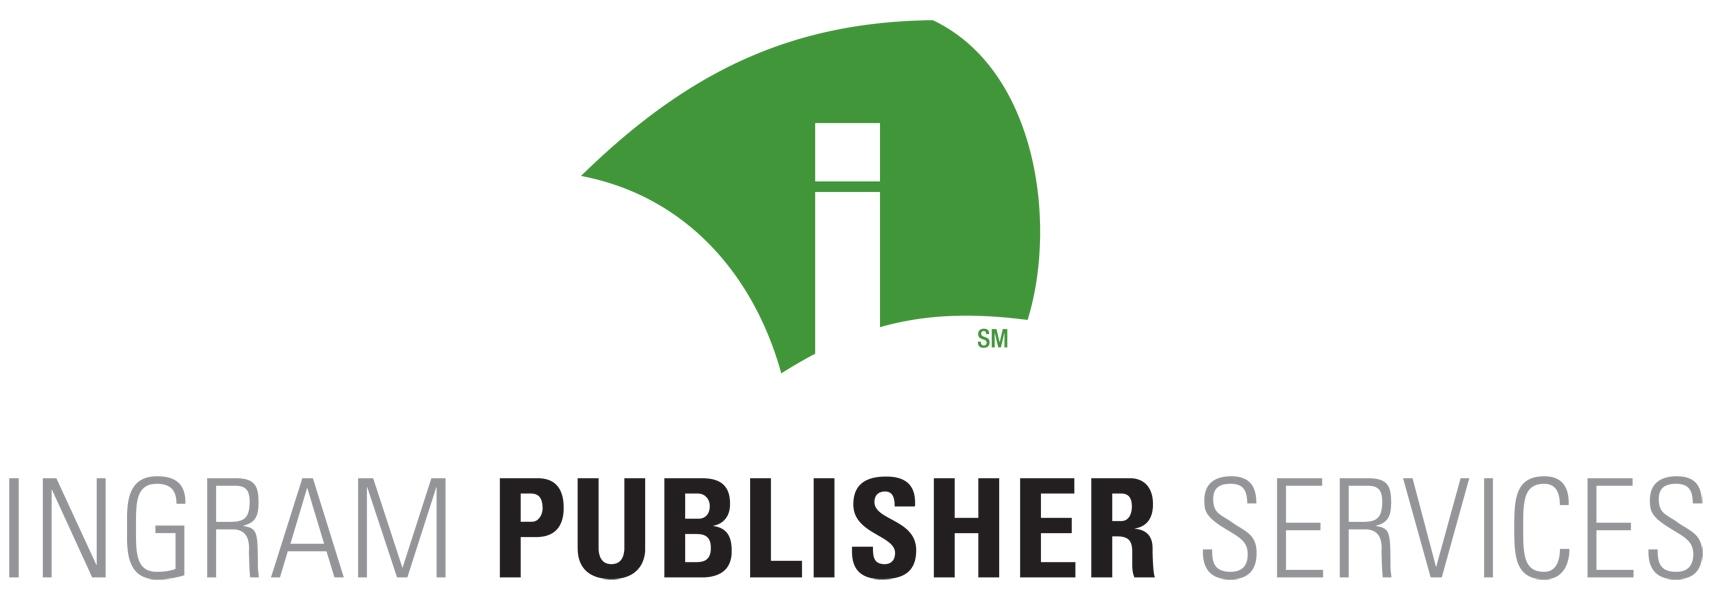 IPS logo.JPG